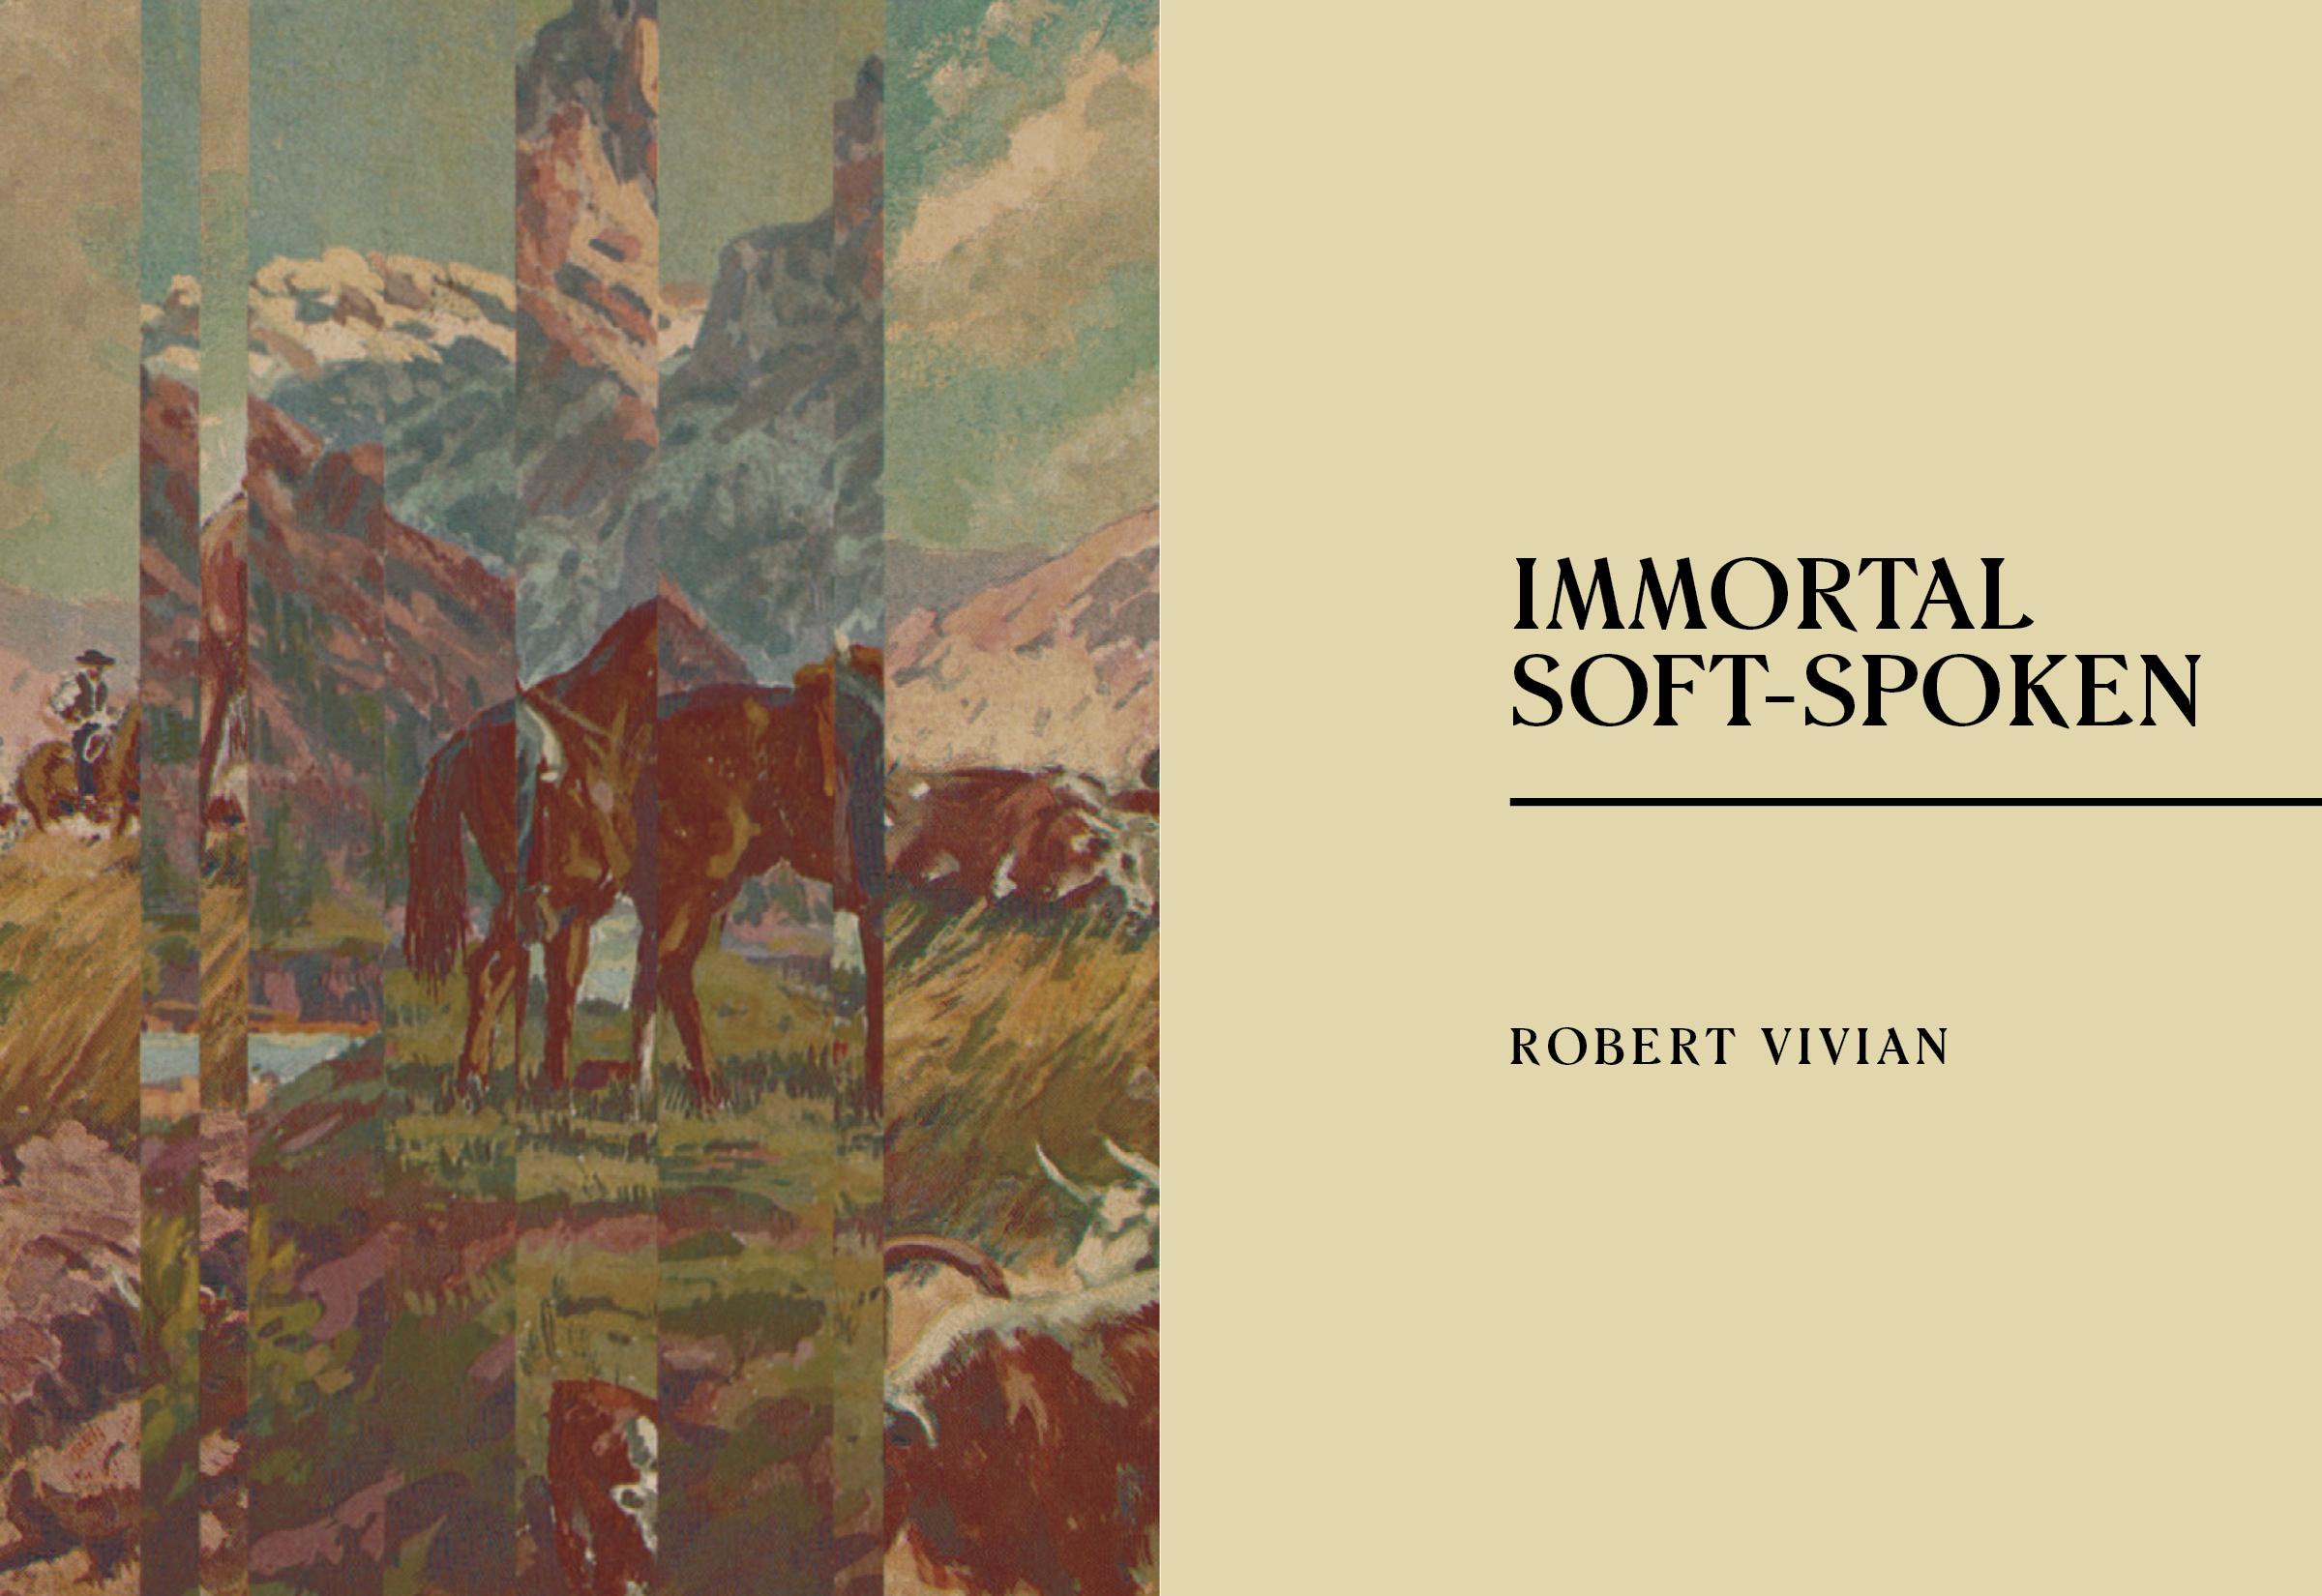 Robert Vivian's IMMORTAL SOFT-SPOKEN, due out 6/11/18